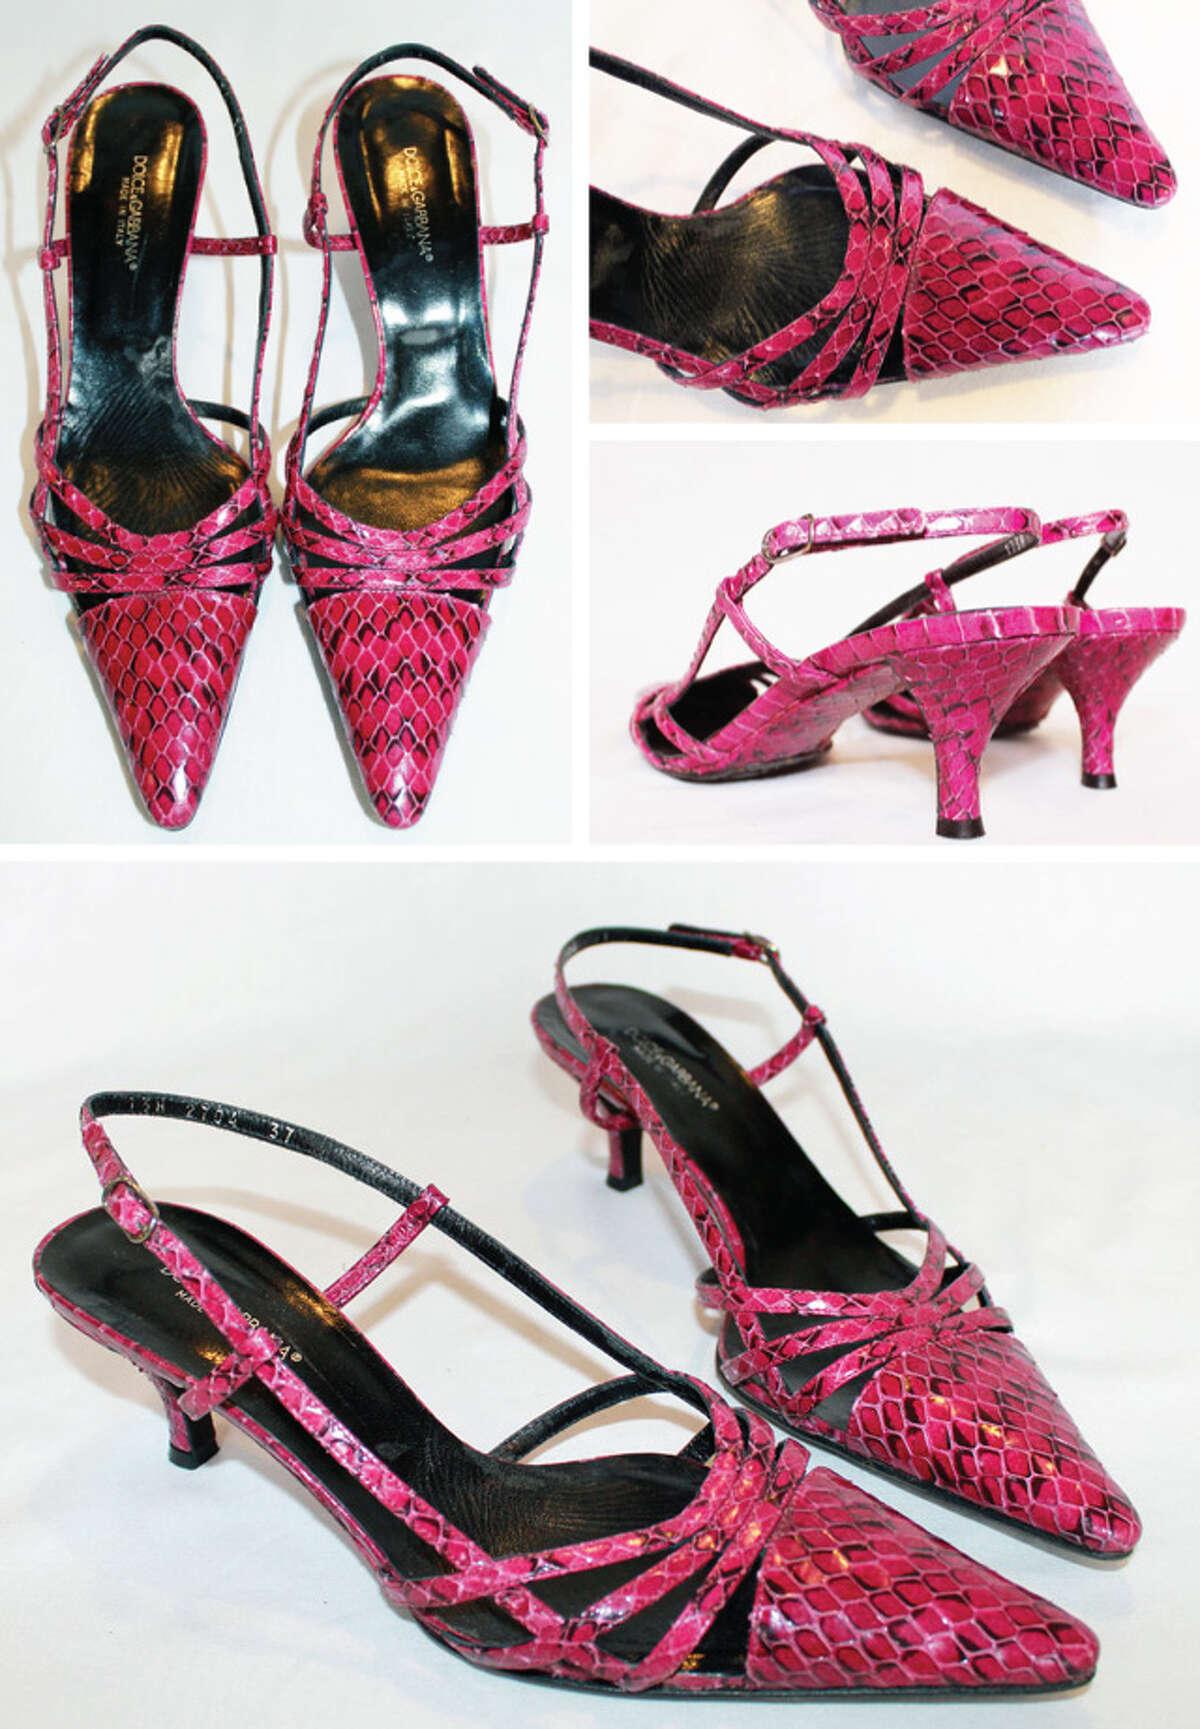 Pink Dolce & Gabbana strappy heels.